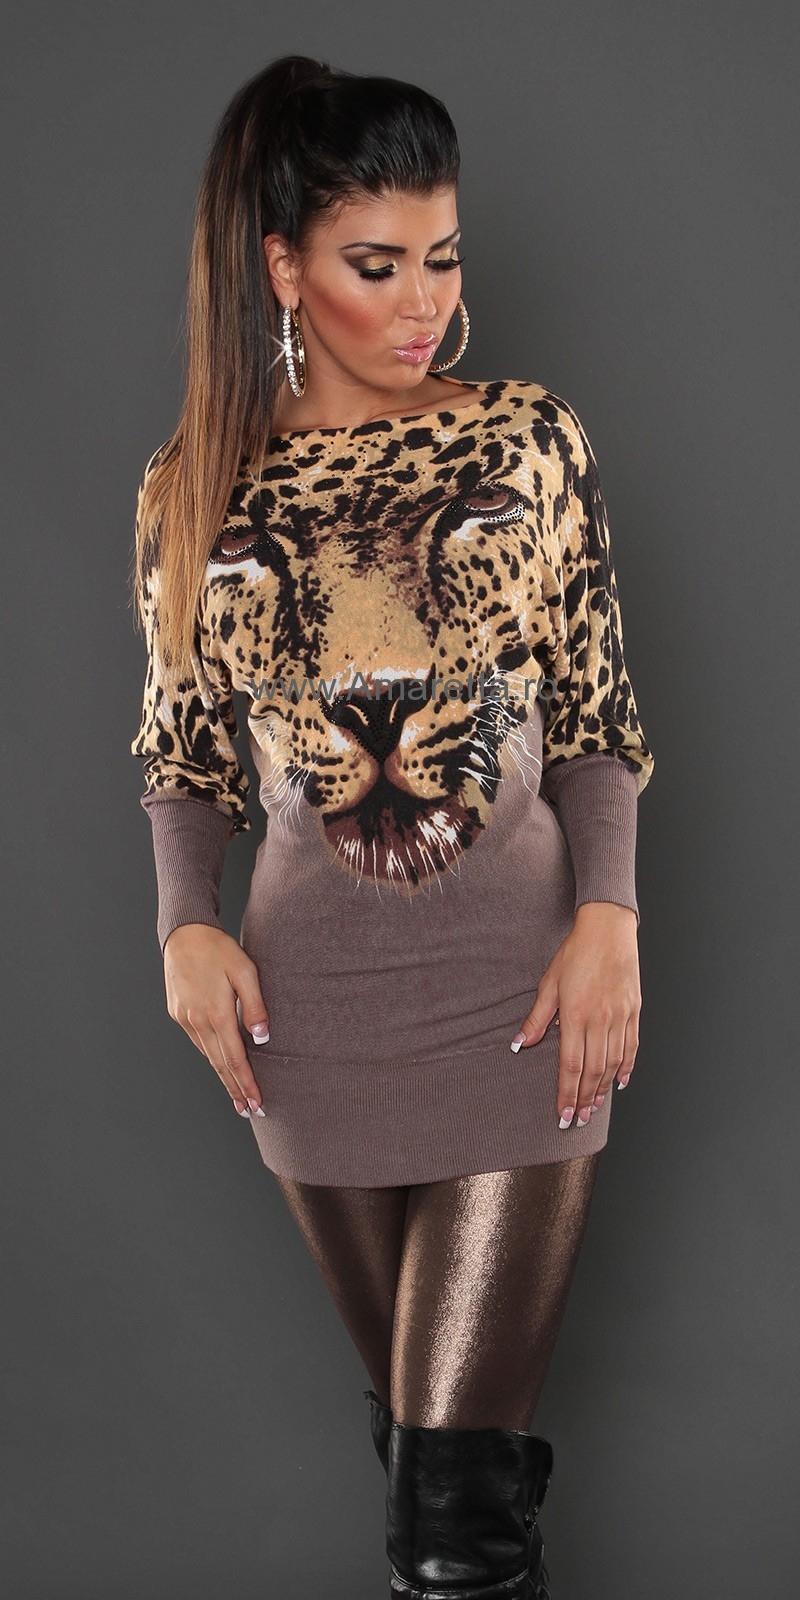 Pulover sexy cu leopard-face